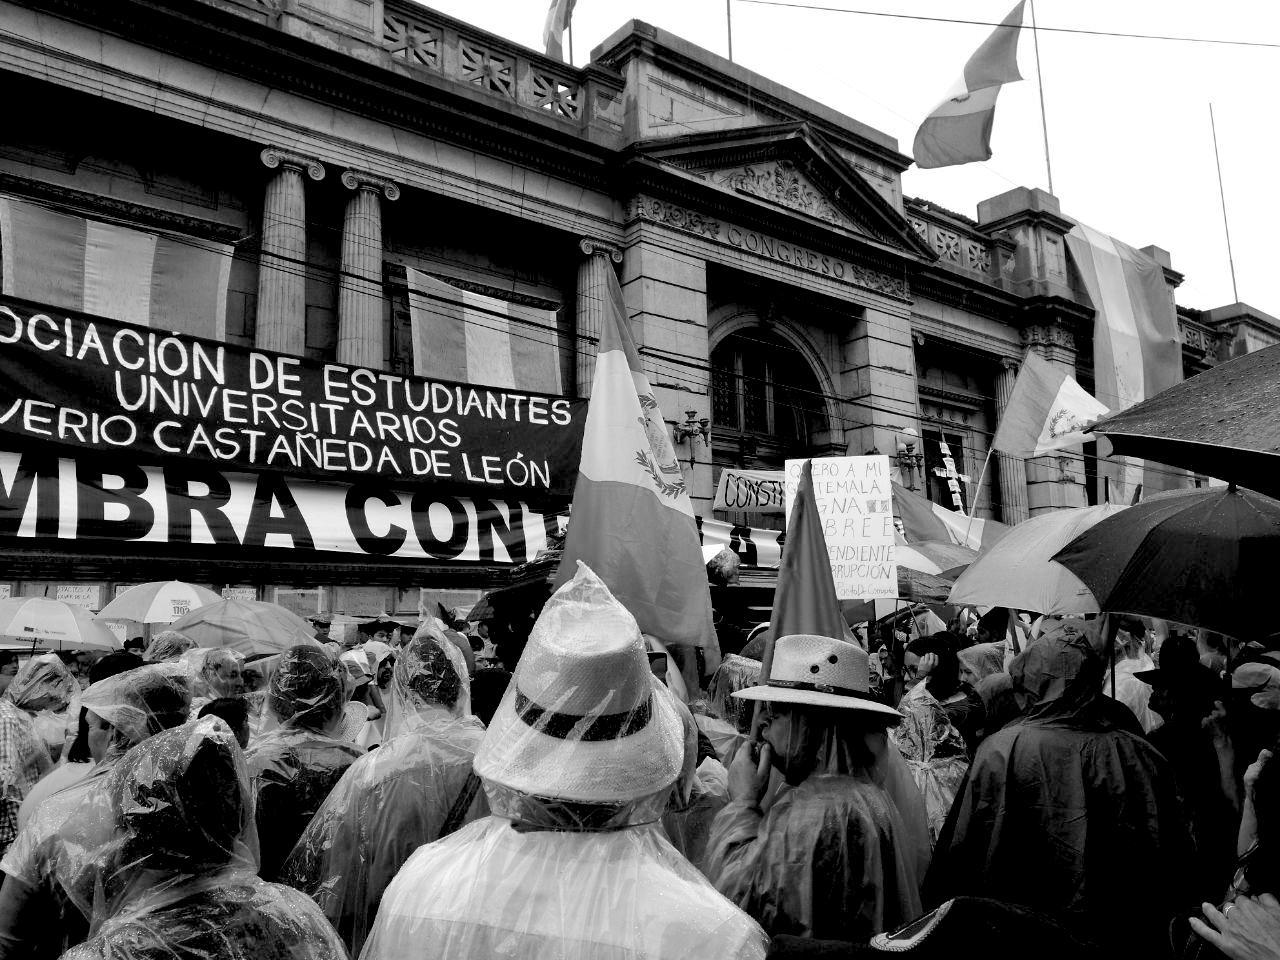 Diputados bajo el trueno:  acciones legales y manifestaciones a la vista